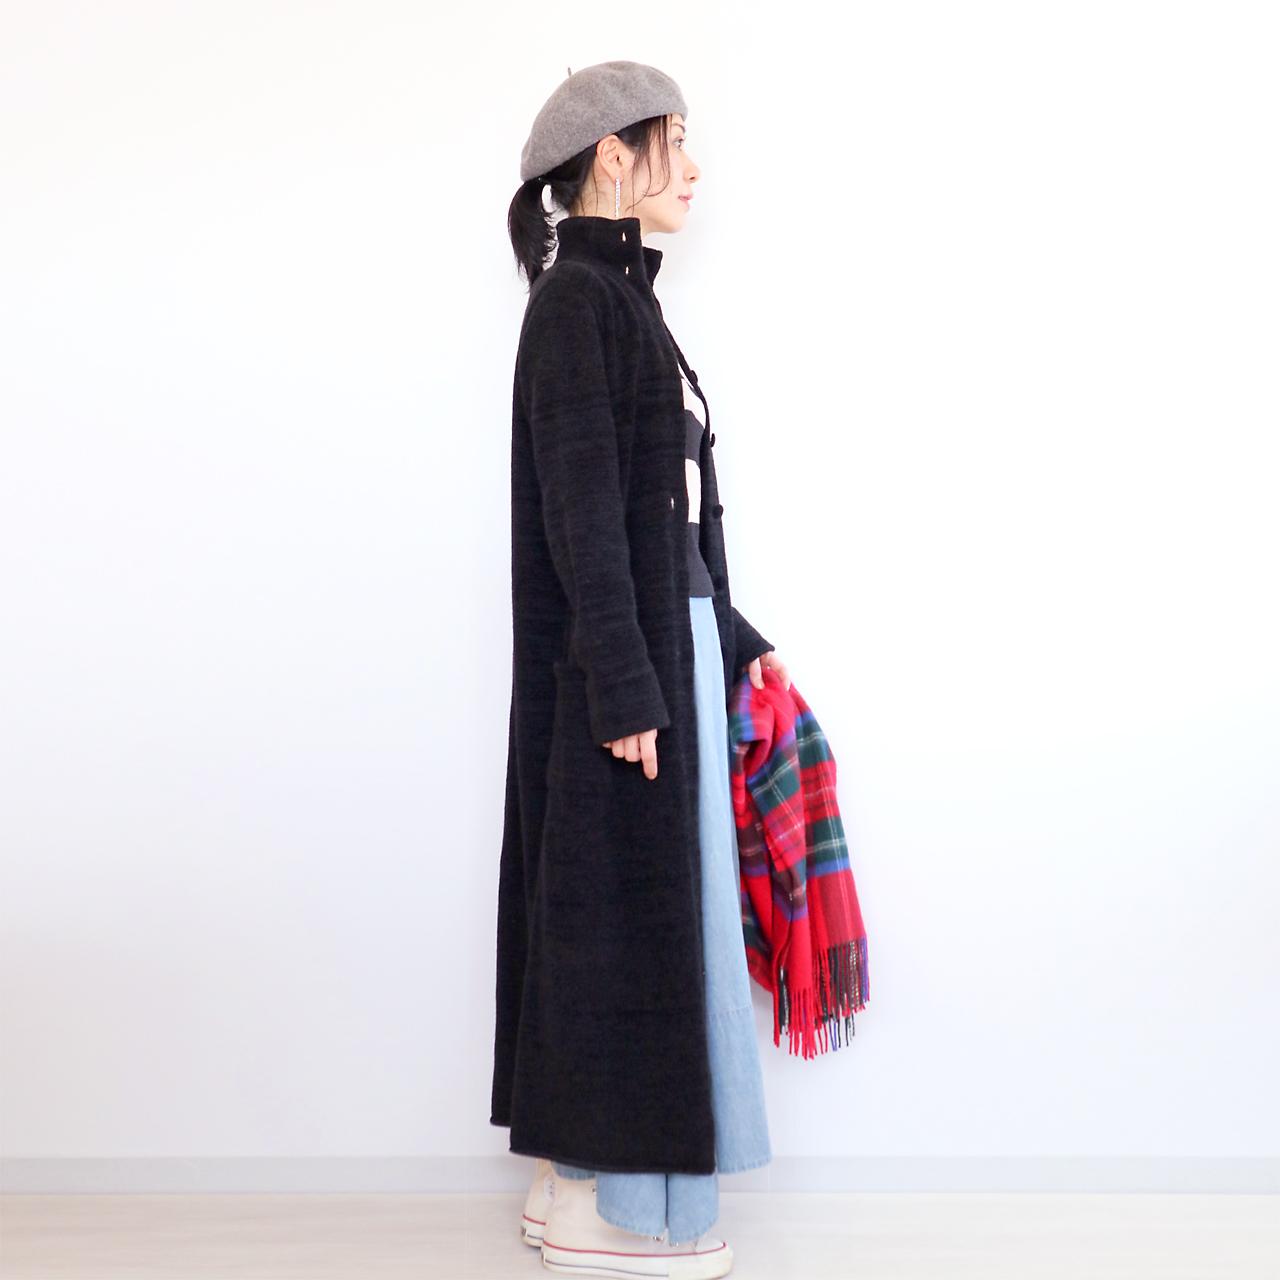 Deneb[デネブ] ロングコート / ブラック